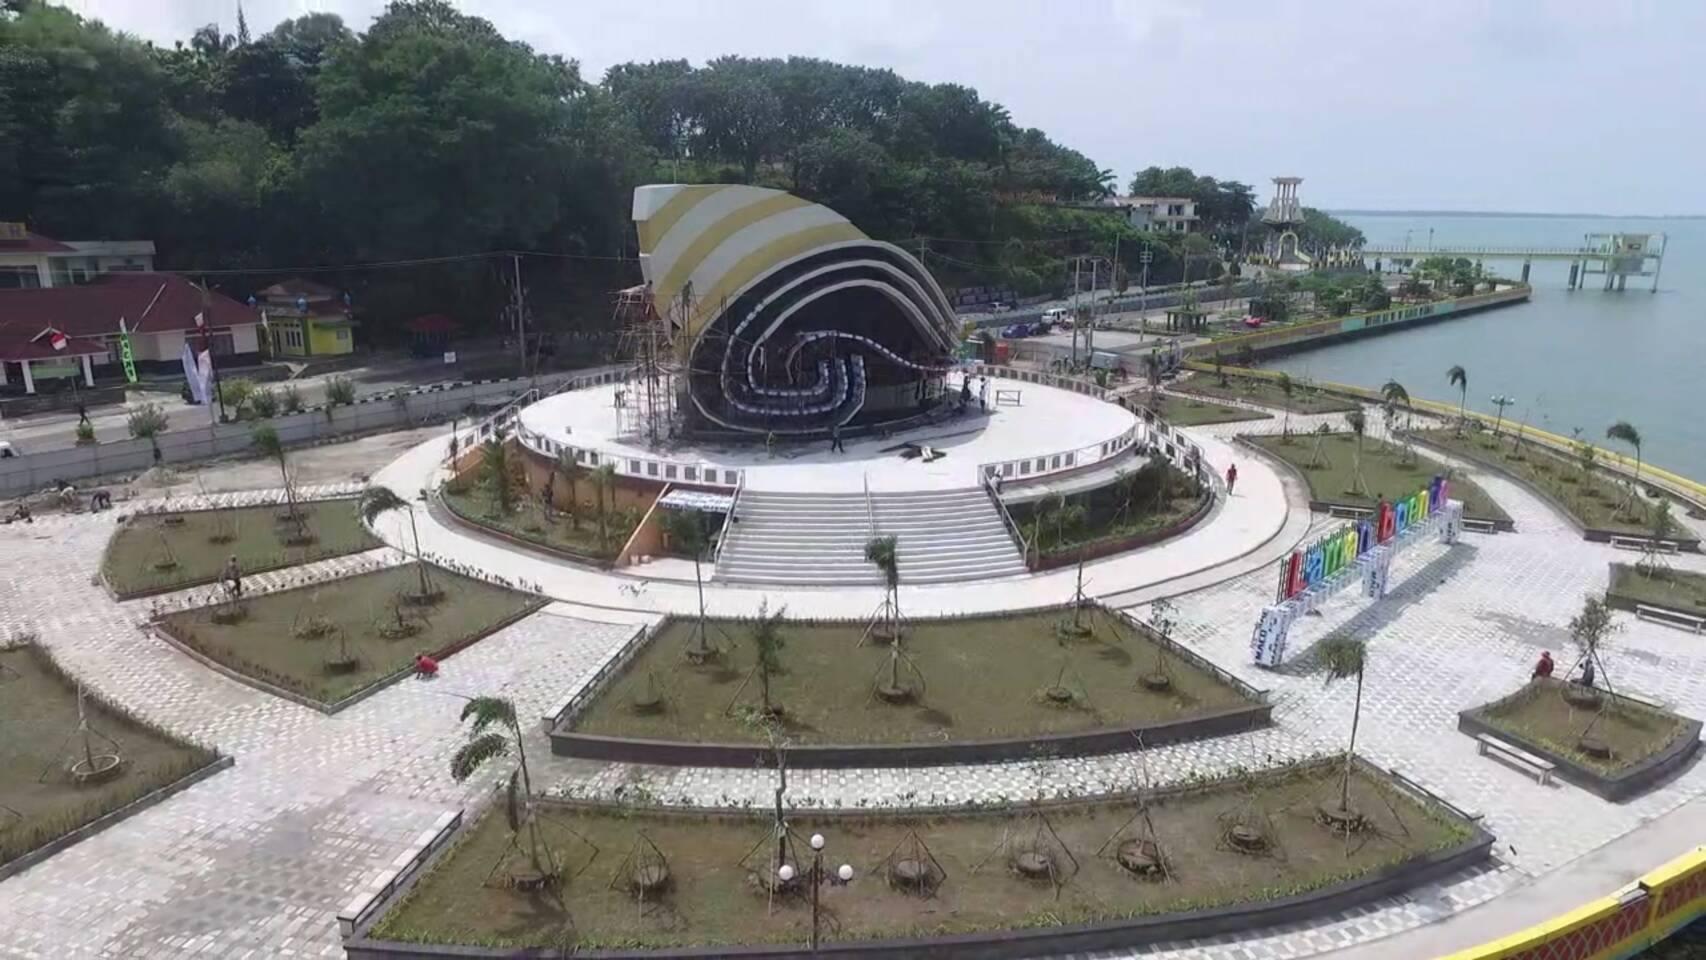 Gedung Gonggong Tanjung Pinang Analisa Desain Ikon Kotaku Oleh Panglime